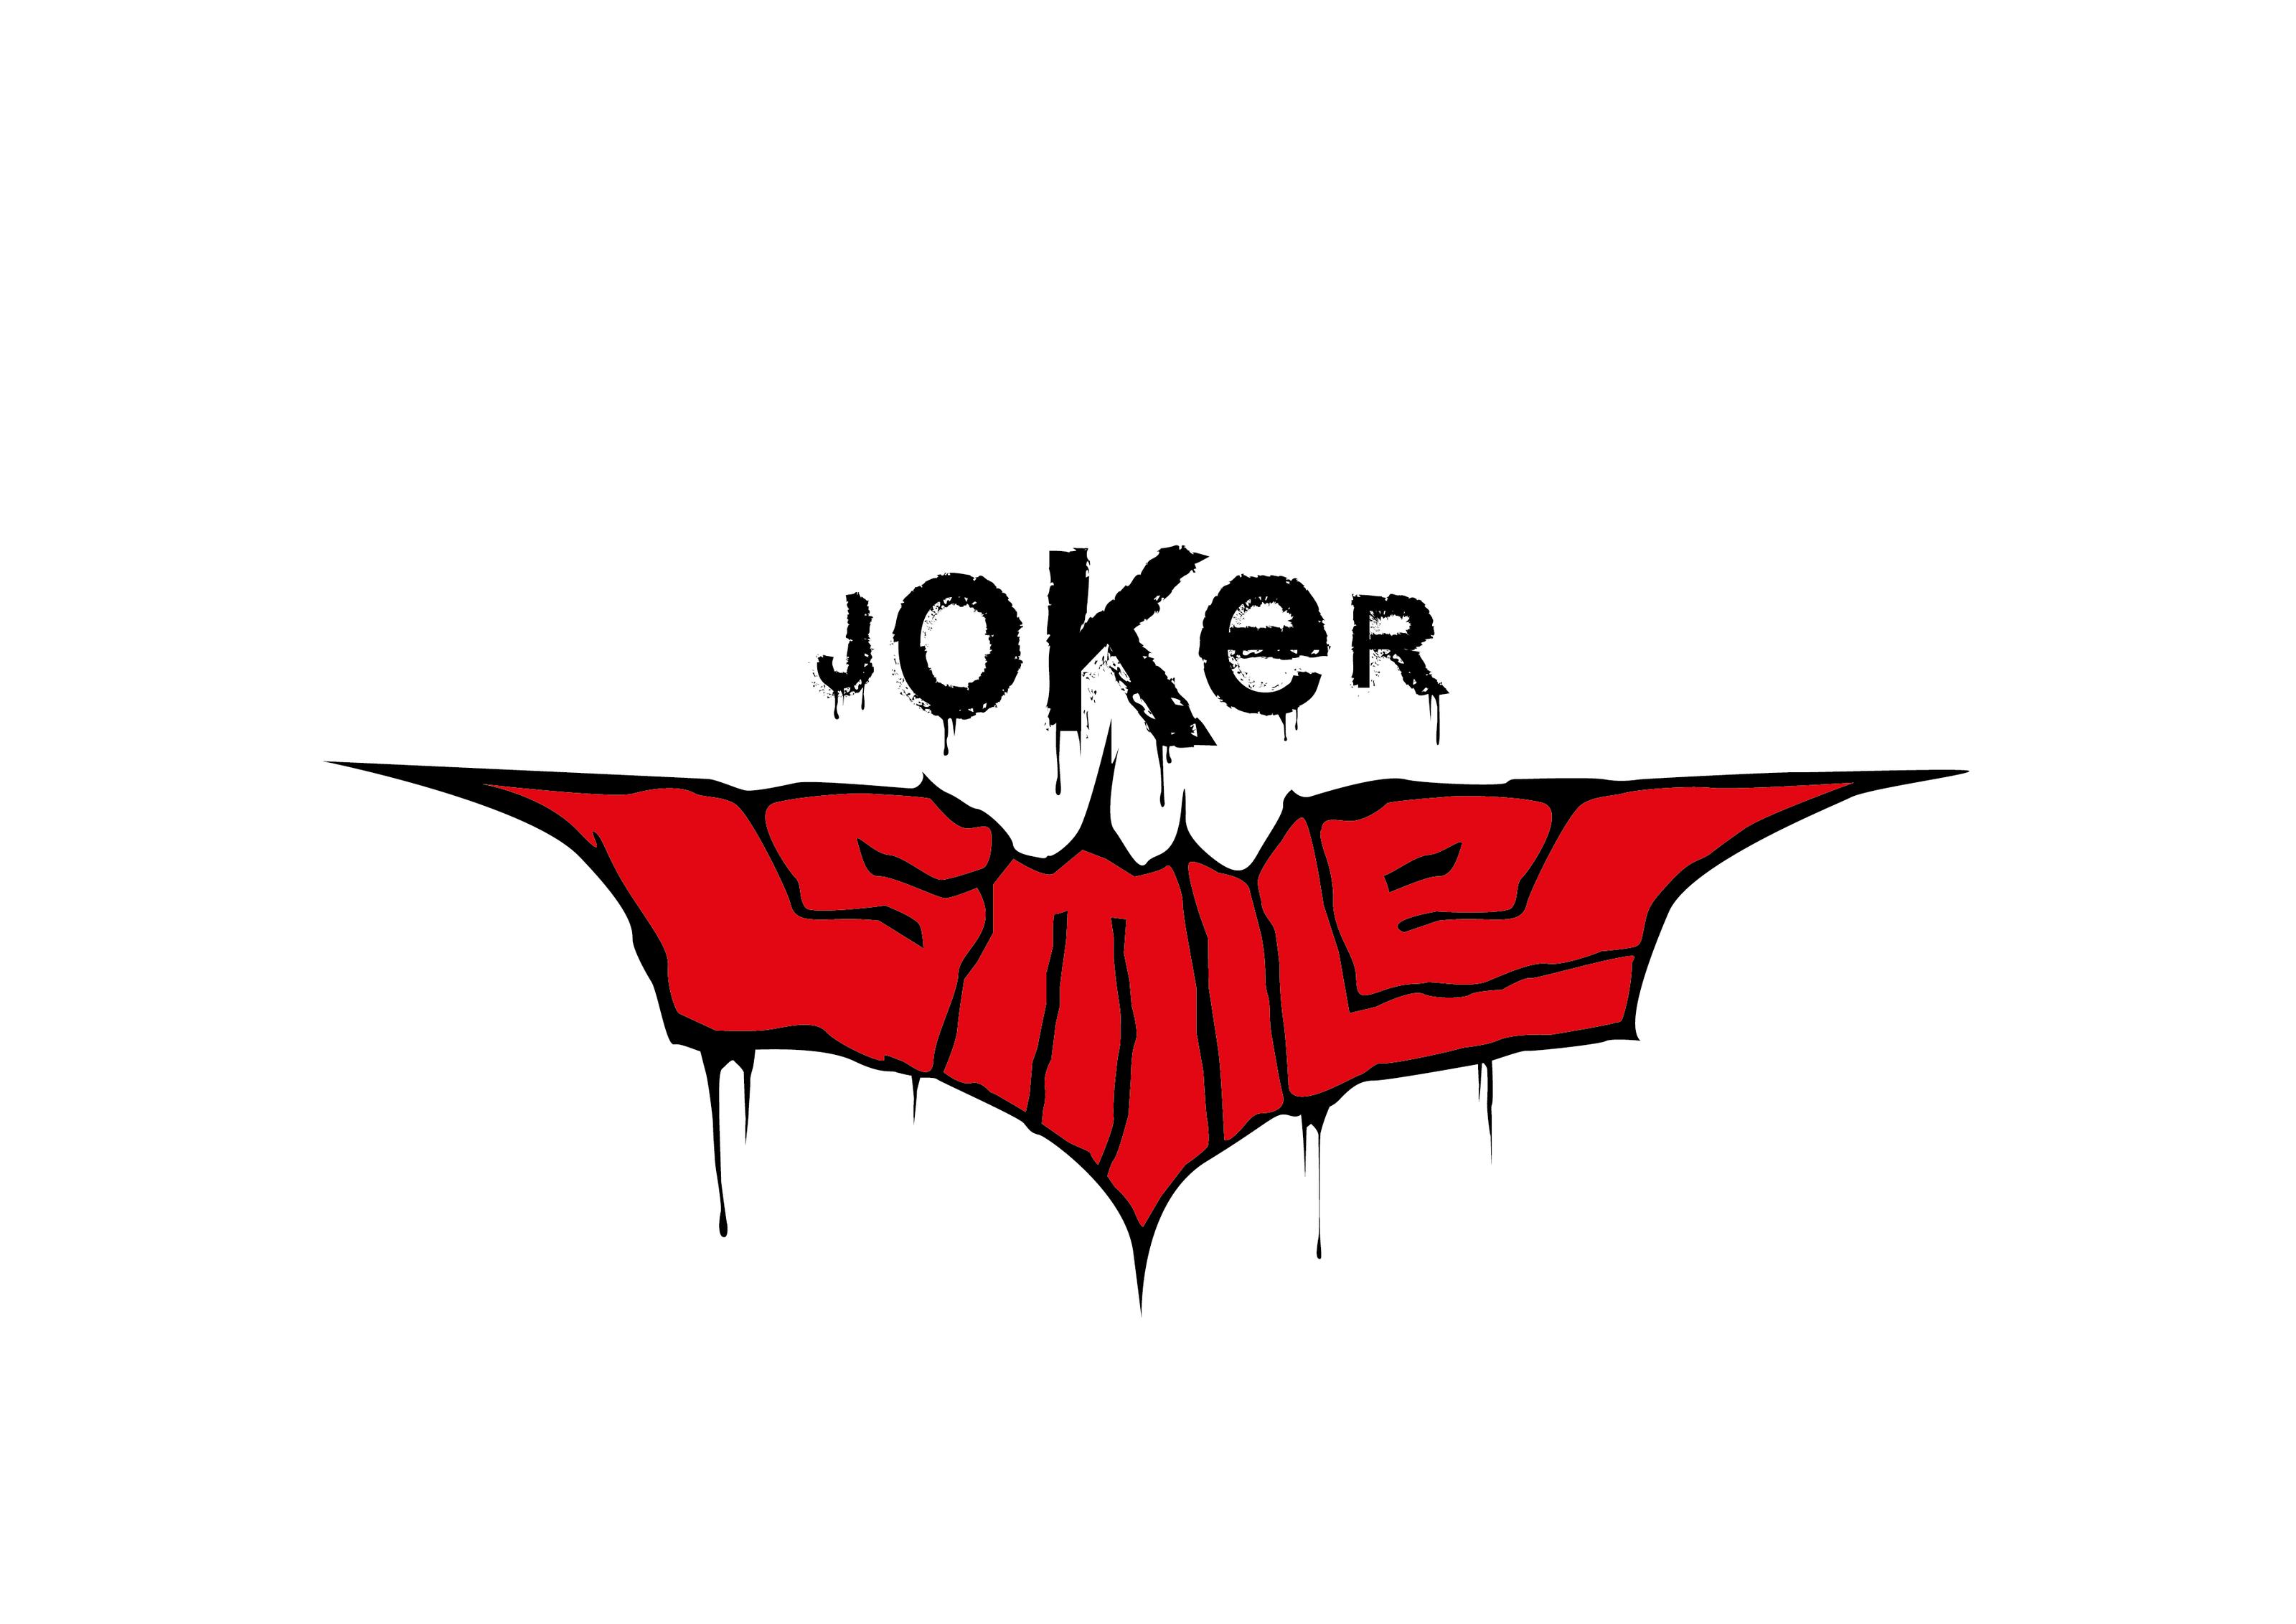 joker smile logo gallery